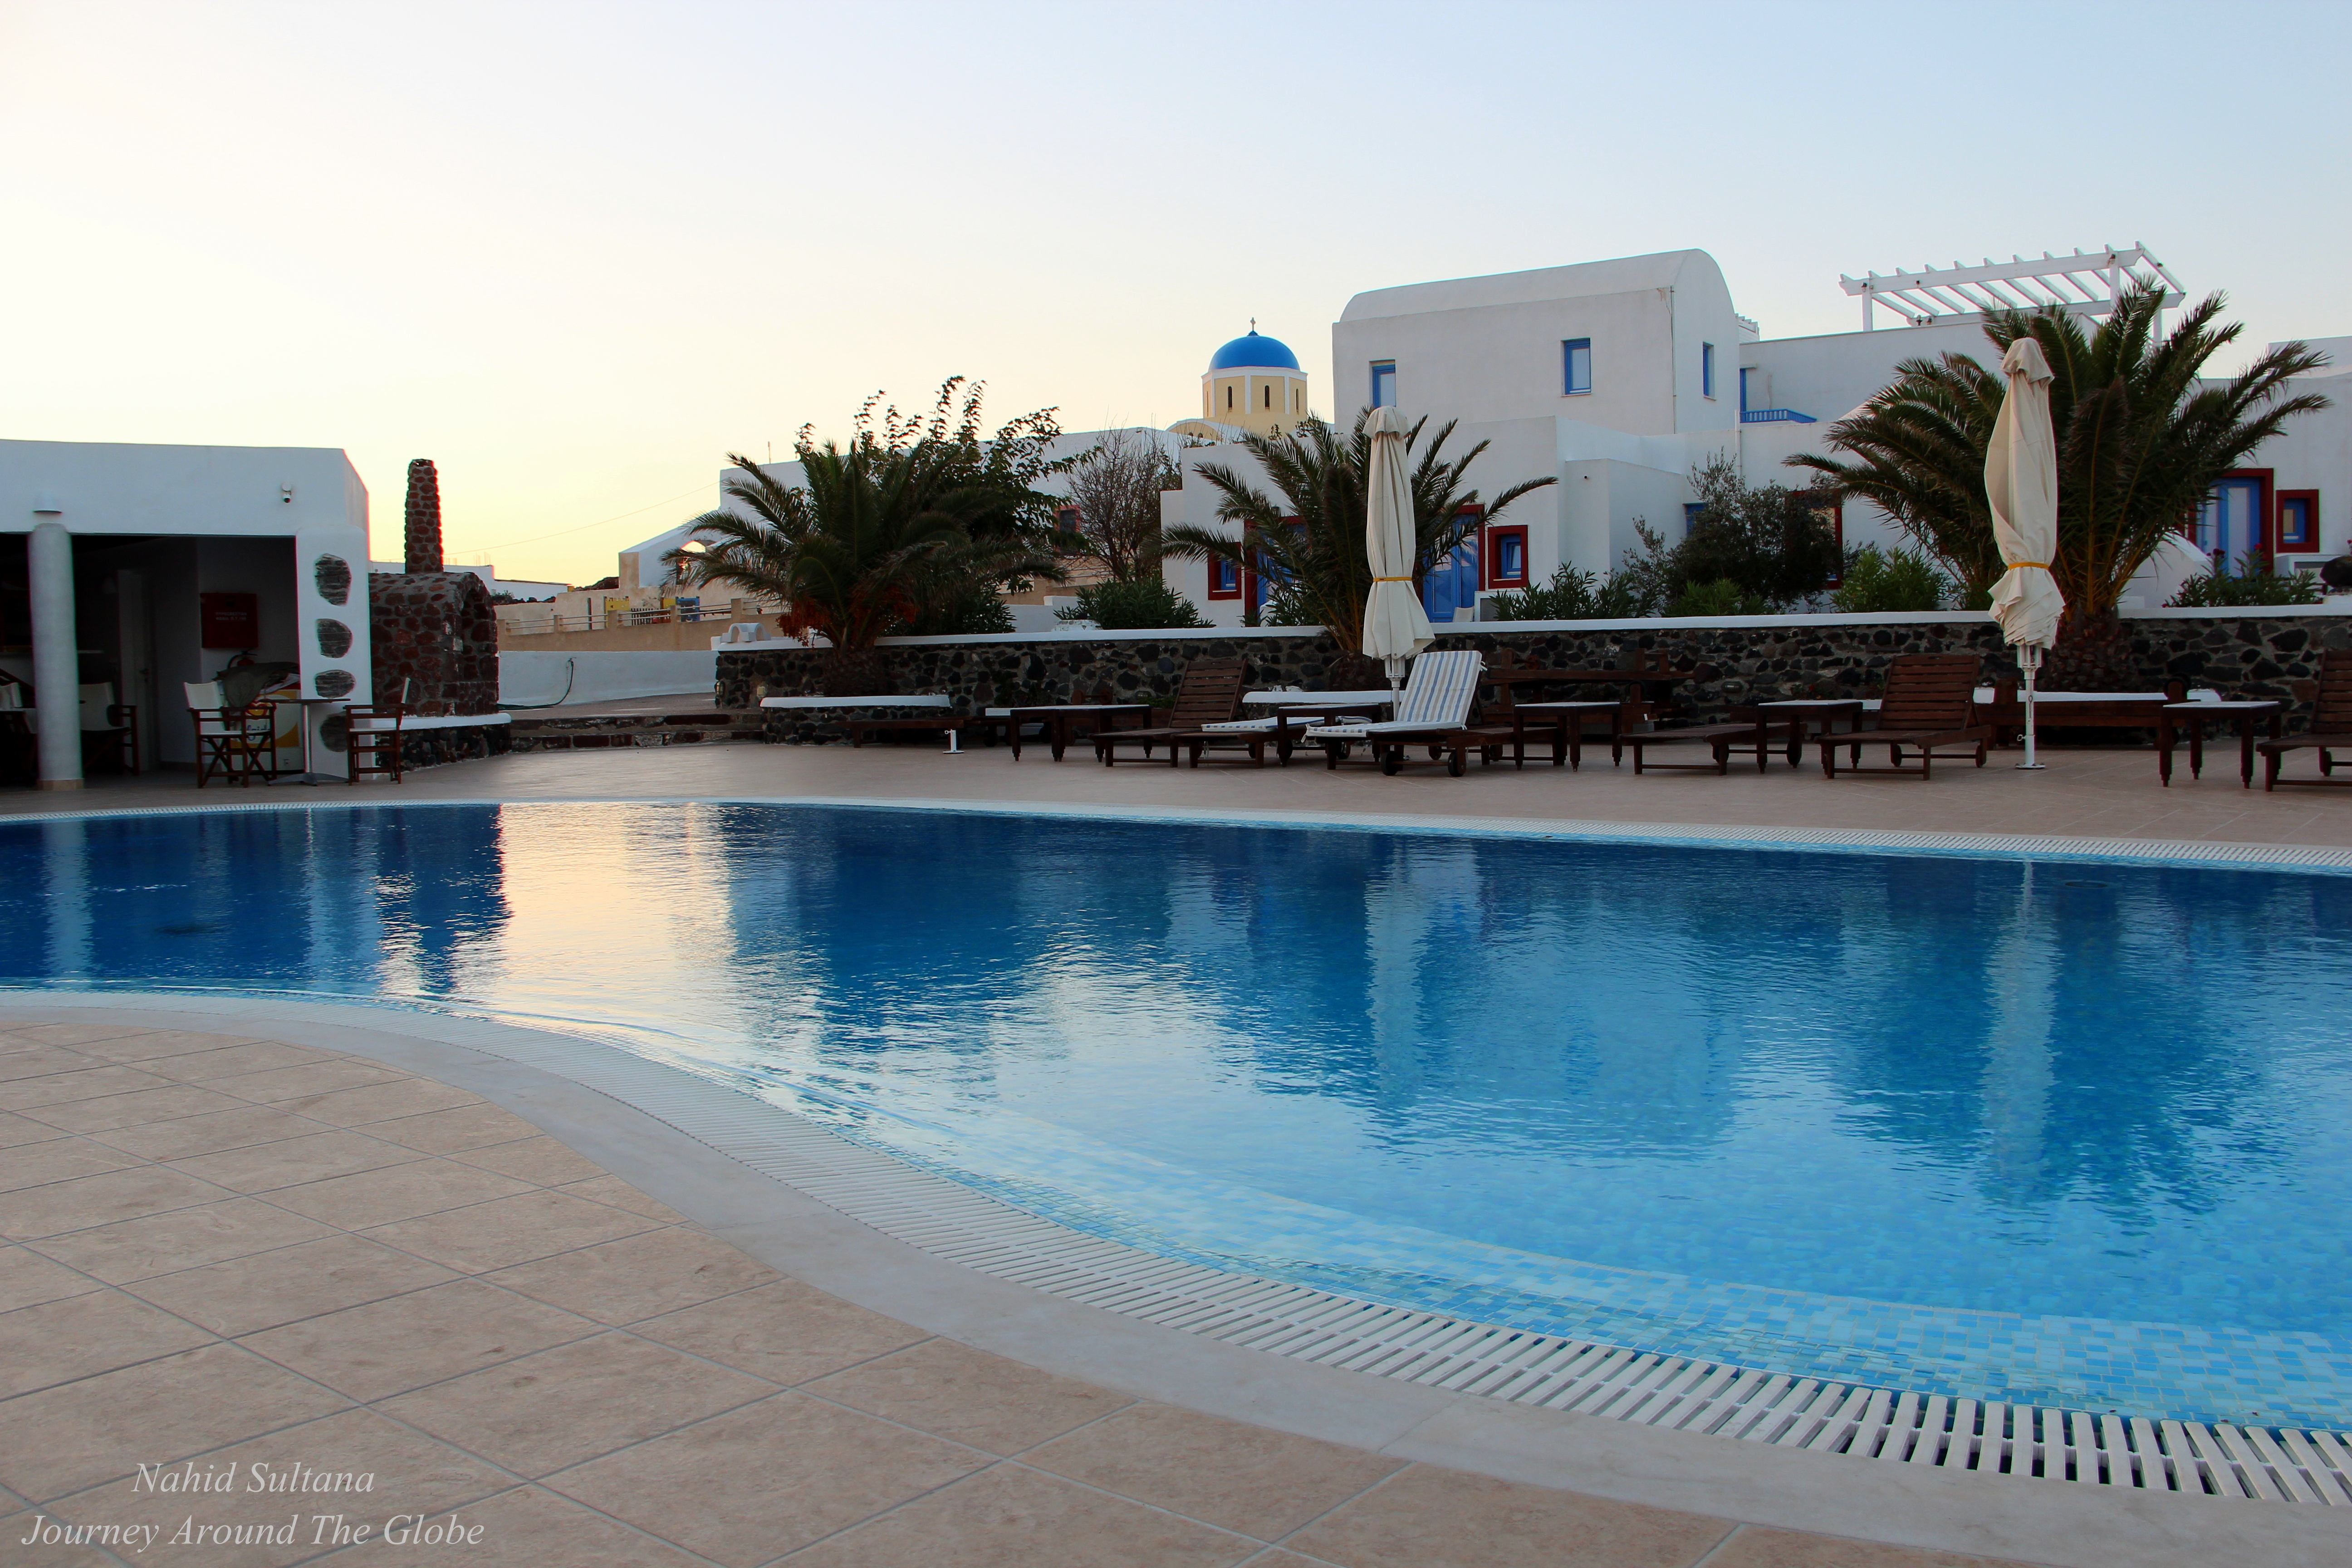 Habitación increíble villa se sitúa en Villa Qatar Lujo Muebles de techo, lámpara antigua, (techo de lujo Villa, diseño con estilo)